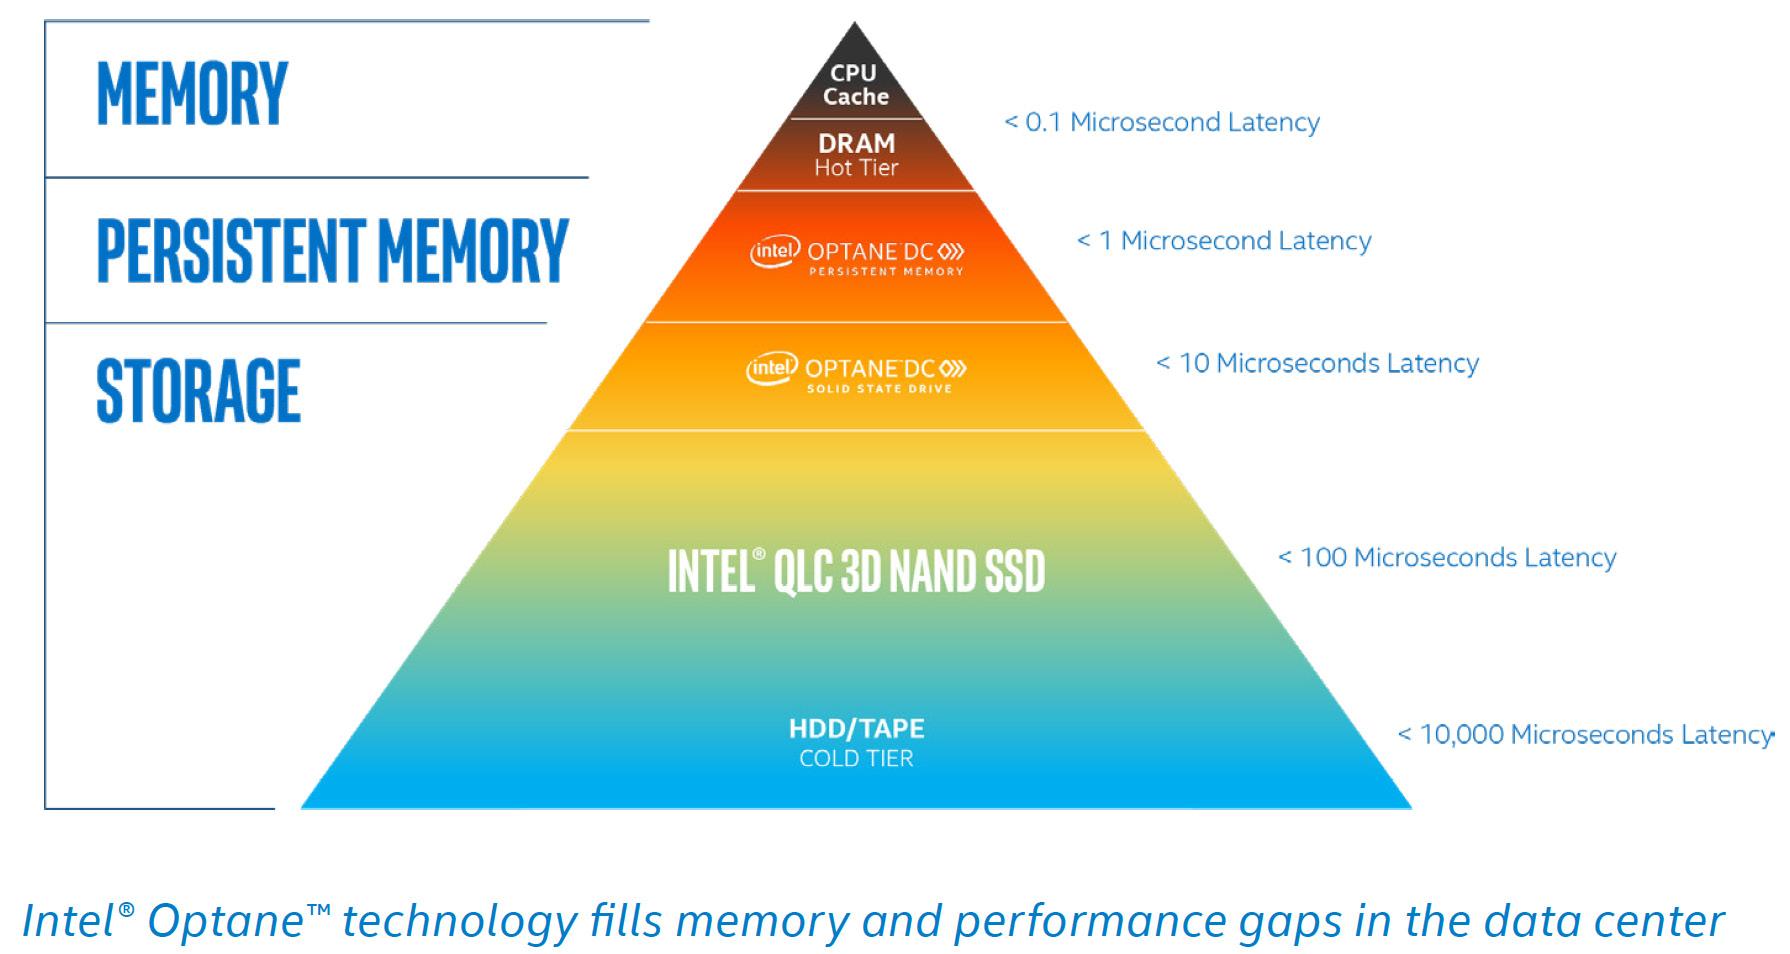 Figure 1.15: Intel memory architecture